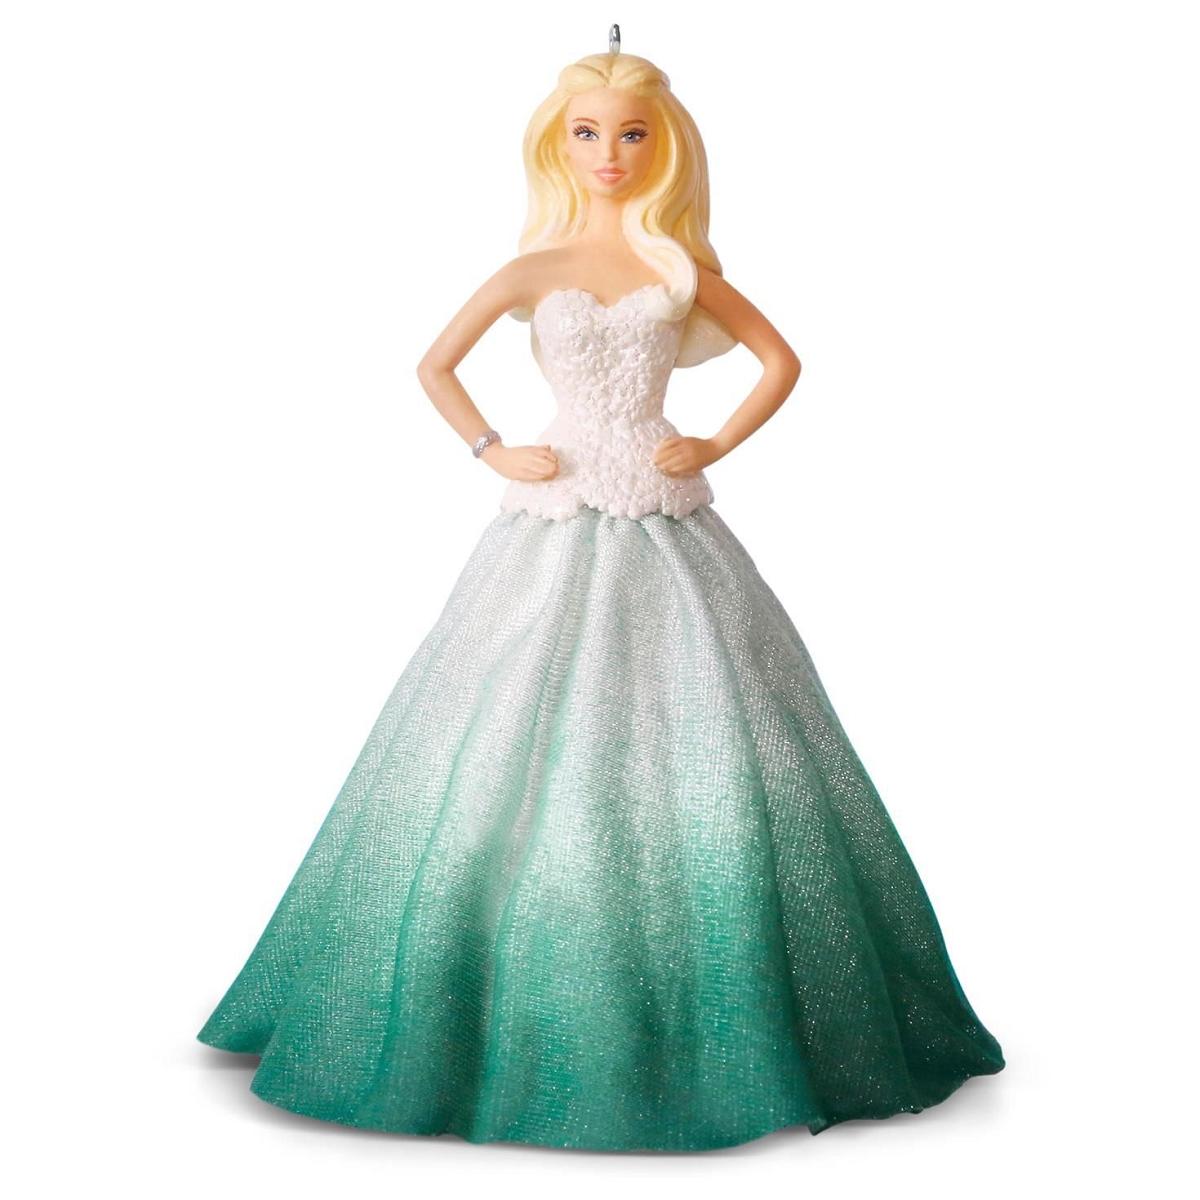 2016 Holiday Barbie Hallmark Keepsake Ornament Hooked On